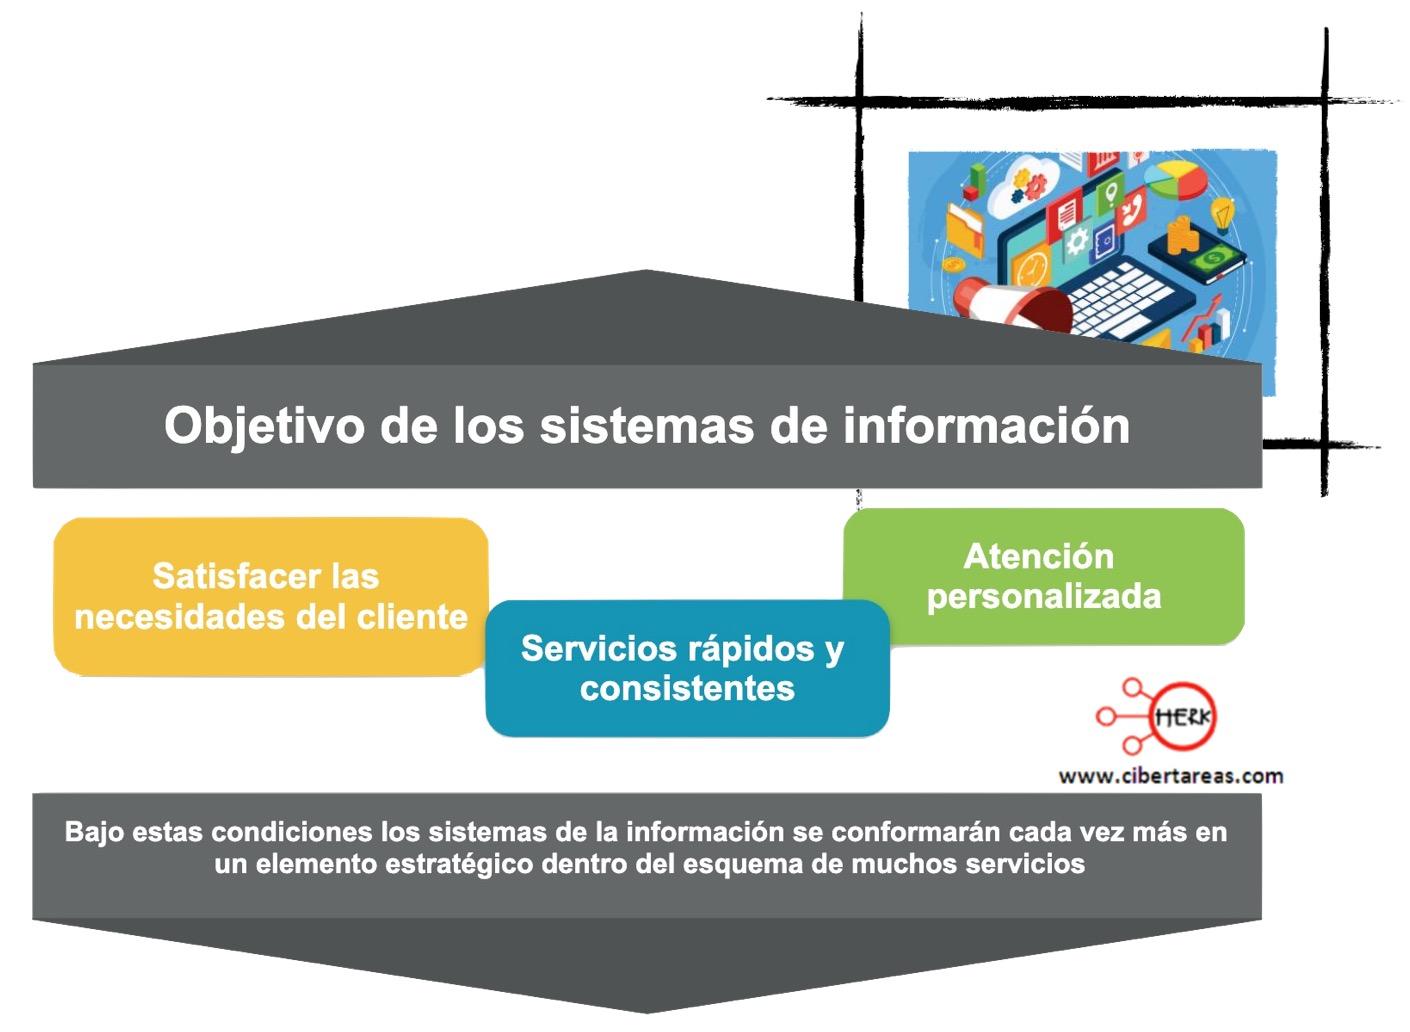 Aplicación de los sistemas de información – Sistemas de información 0